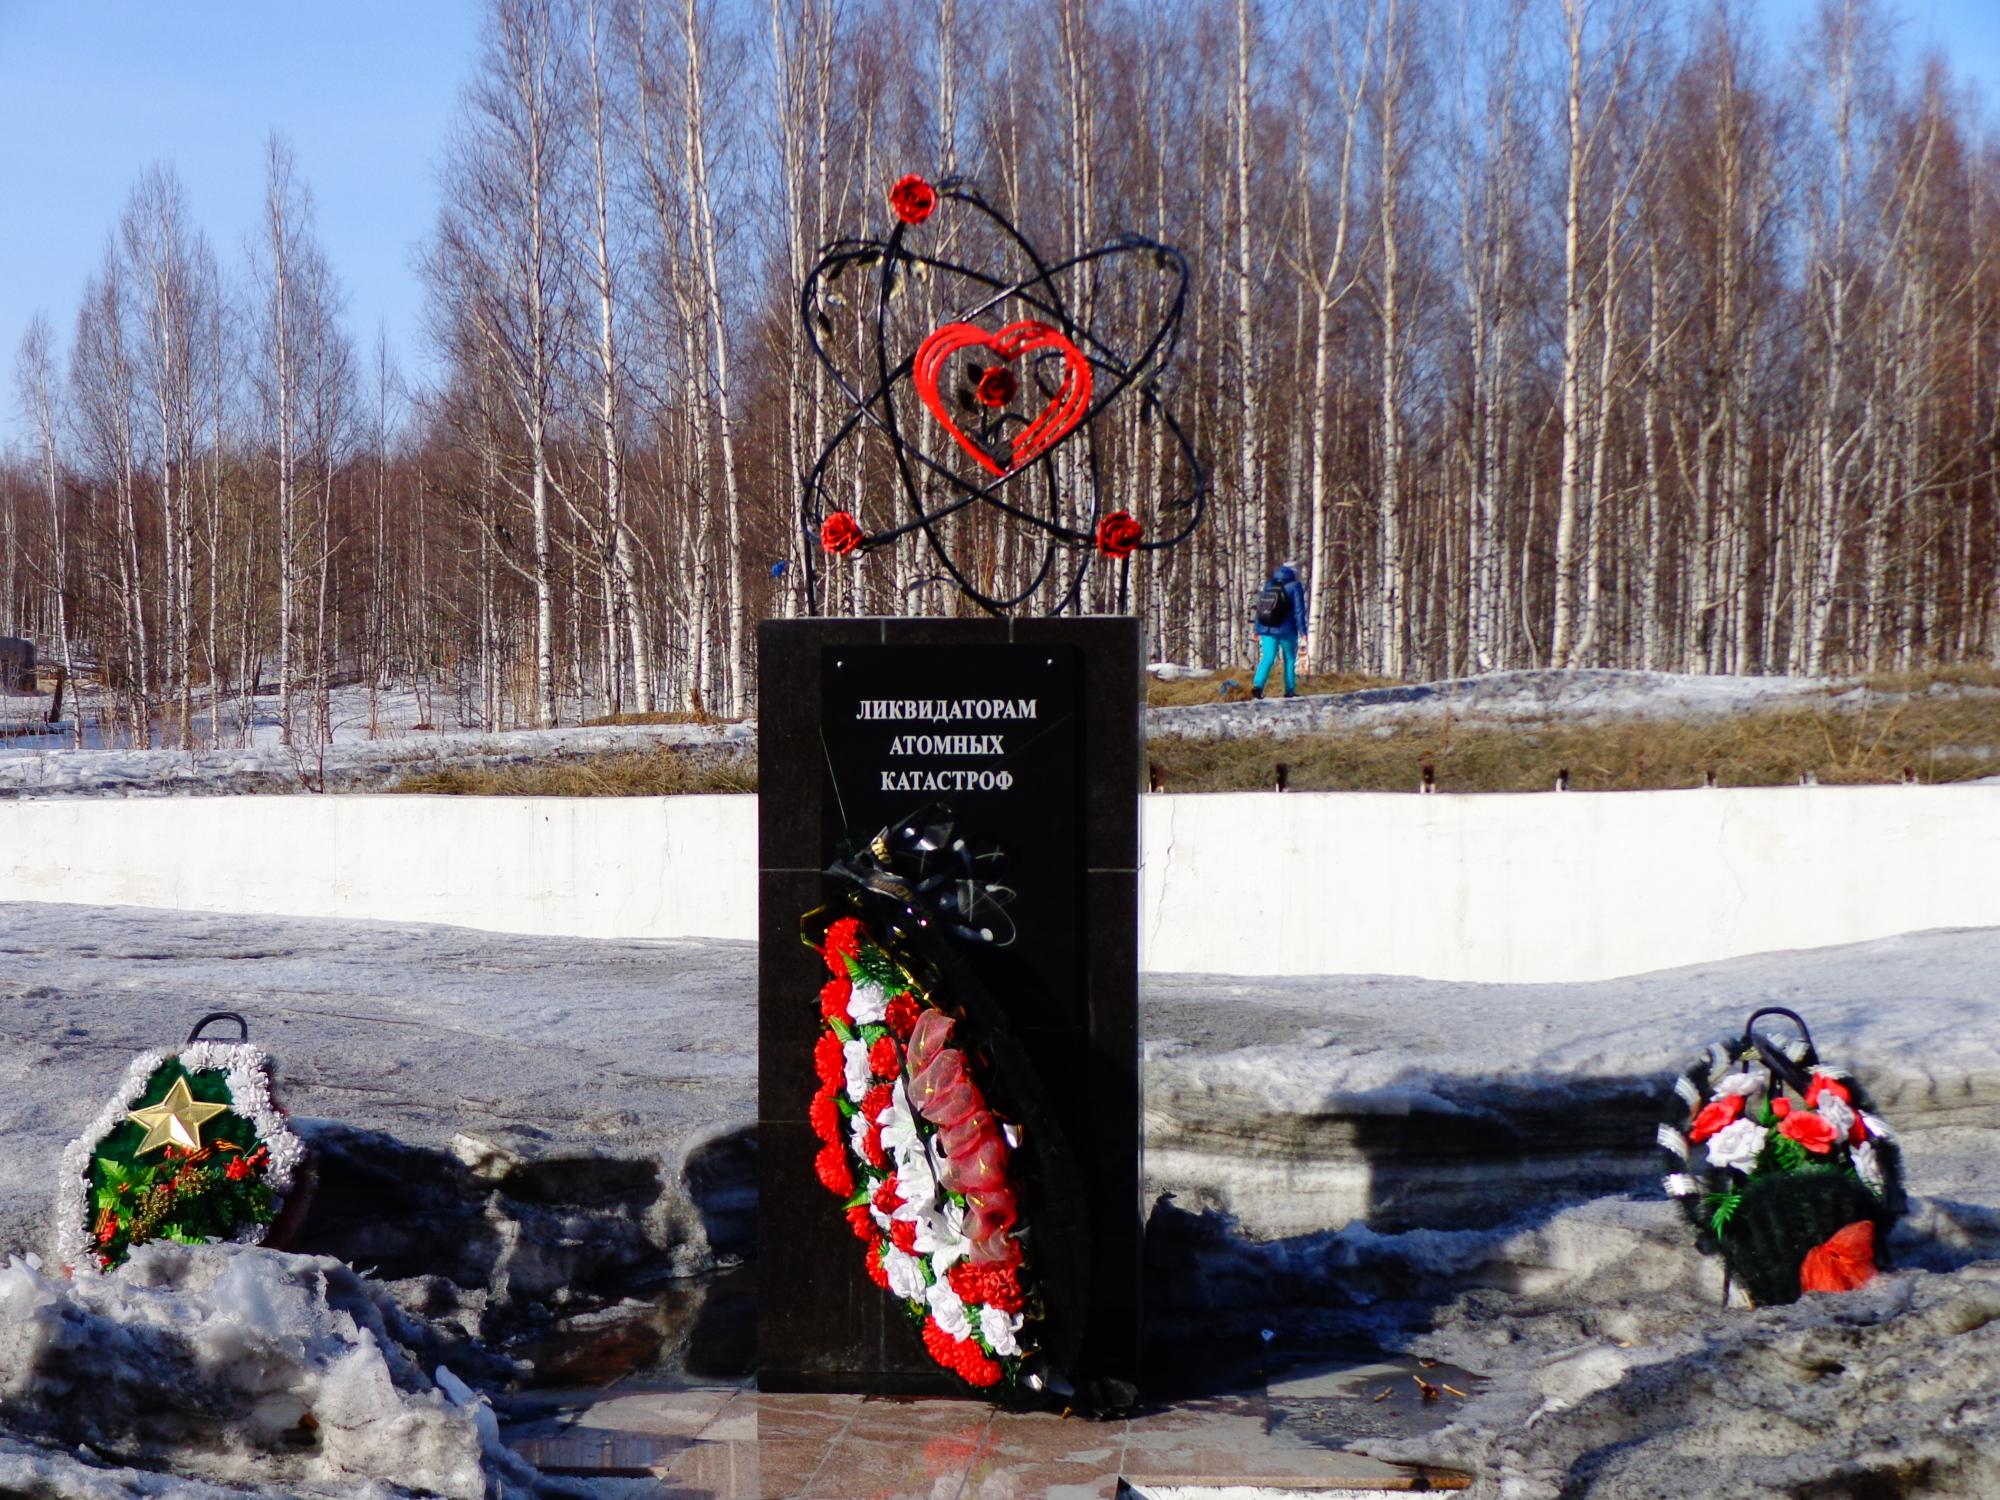 Мемориал «Ликвидаторам атомных катастроф» в Качканаре. Фото: Порядин В.И.